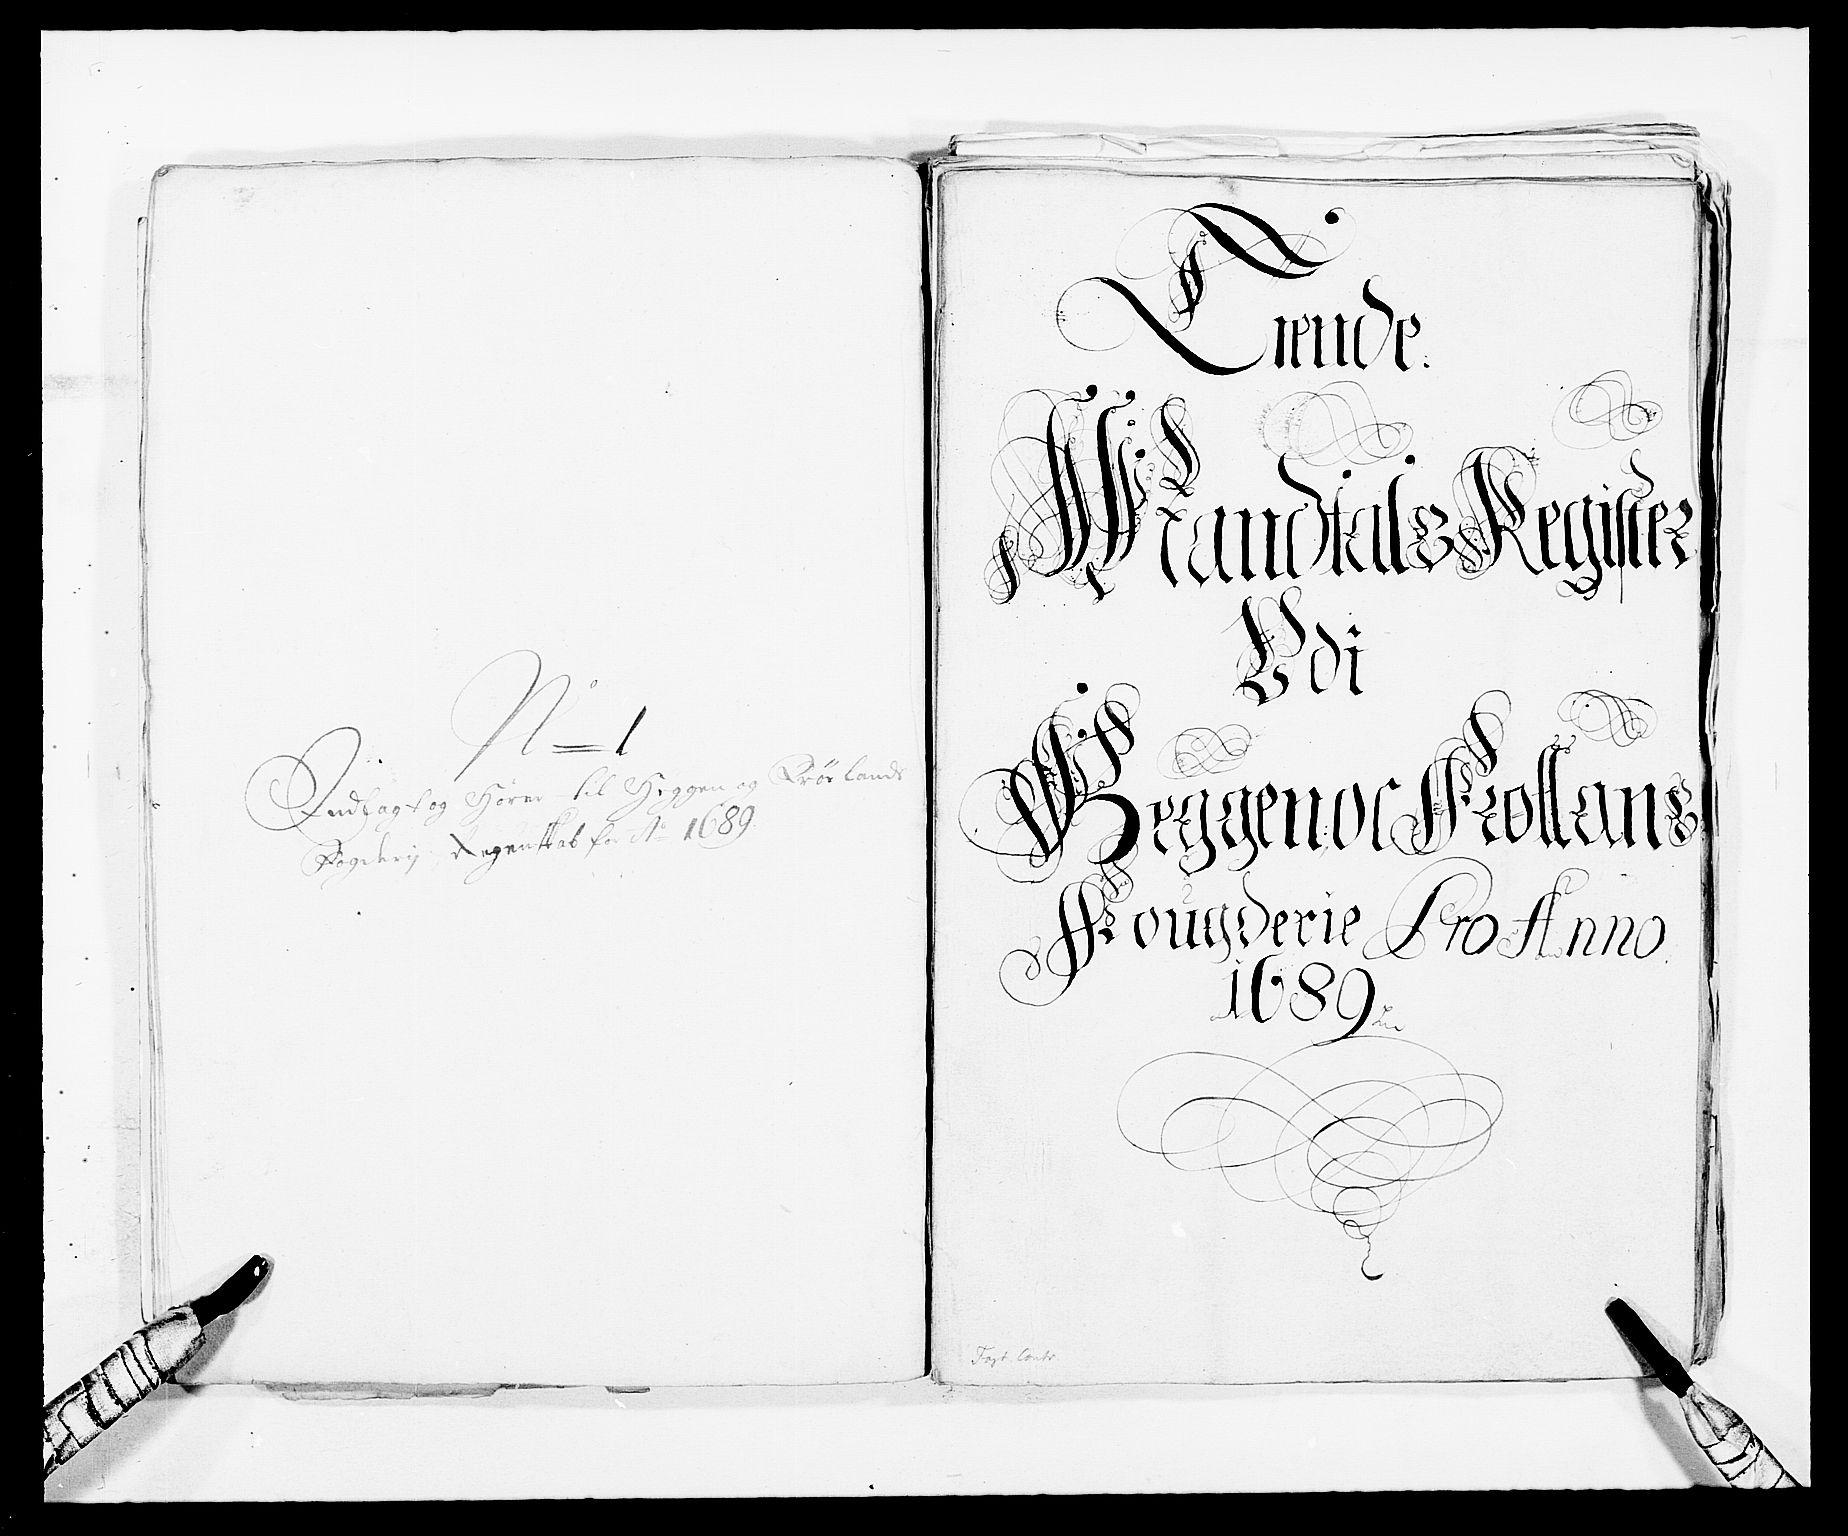 RA, Rentekammeret inntil 1814, Reviderte regnskaper, Fogderegnskap, R06/L0282: Fogderegnskap Heggen og Frøland, 1687-1690, s. 131